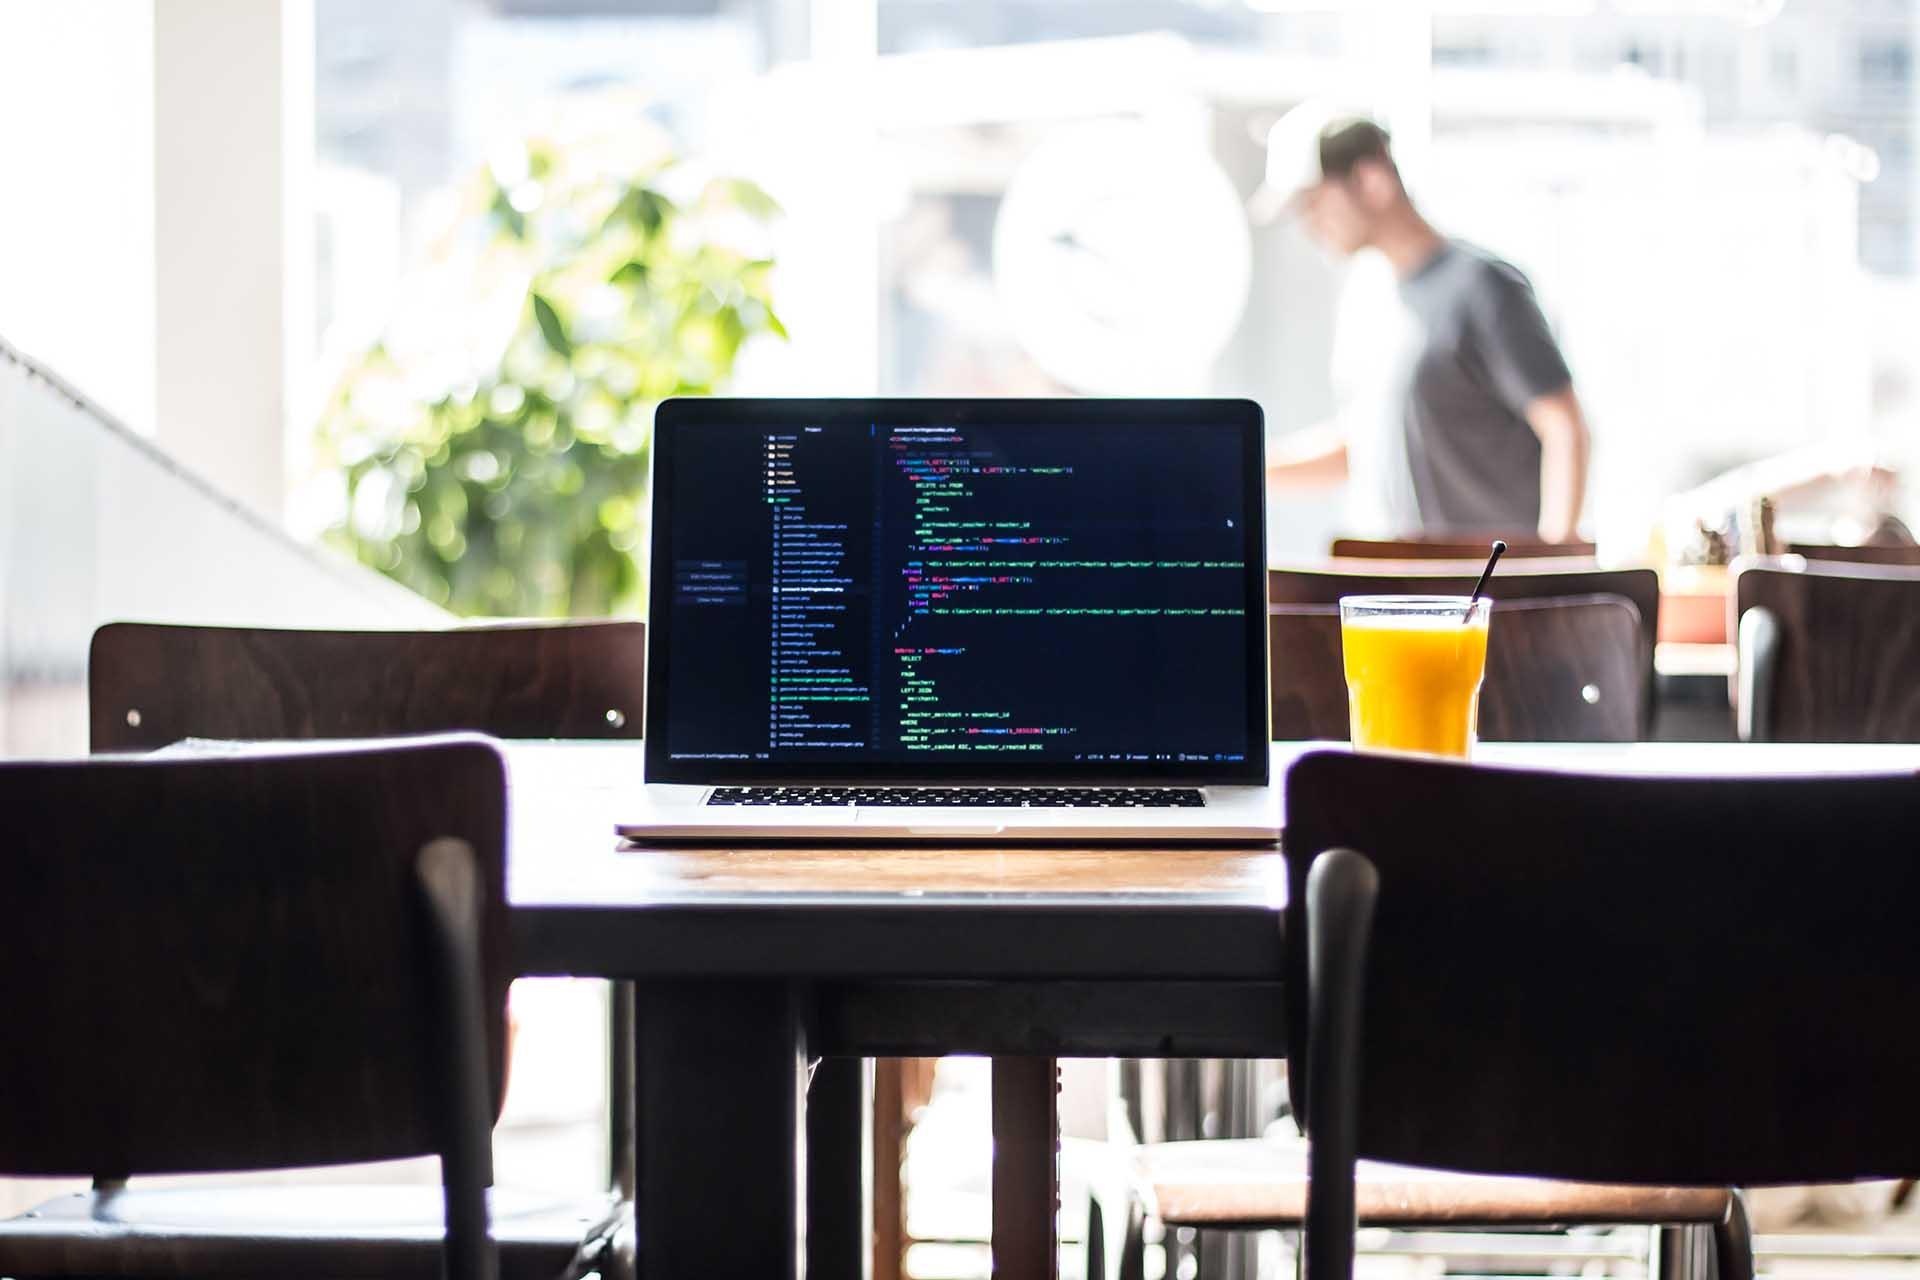 t2informatik Blog: Performance Optimierung bei WPF Anwendungen